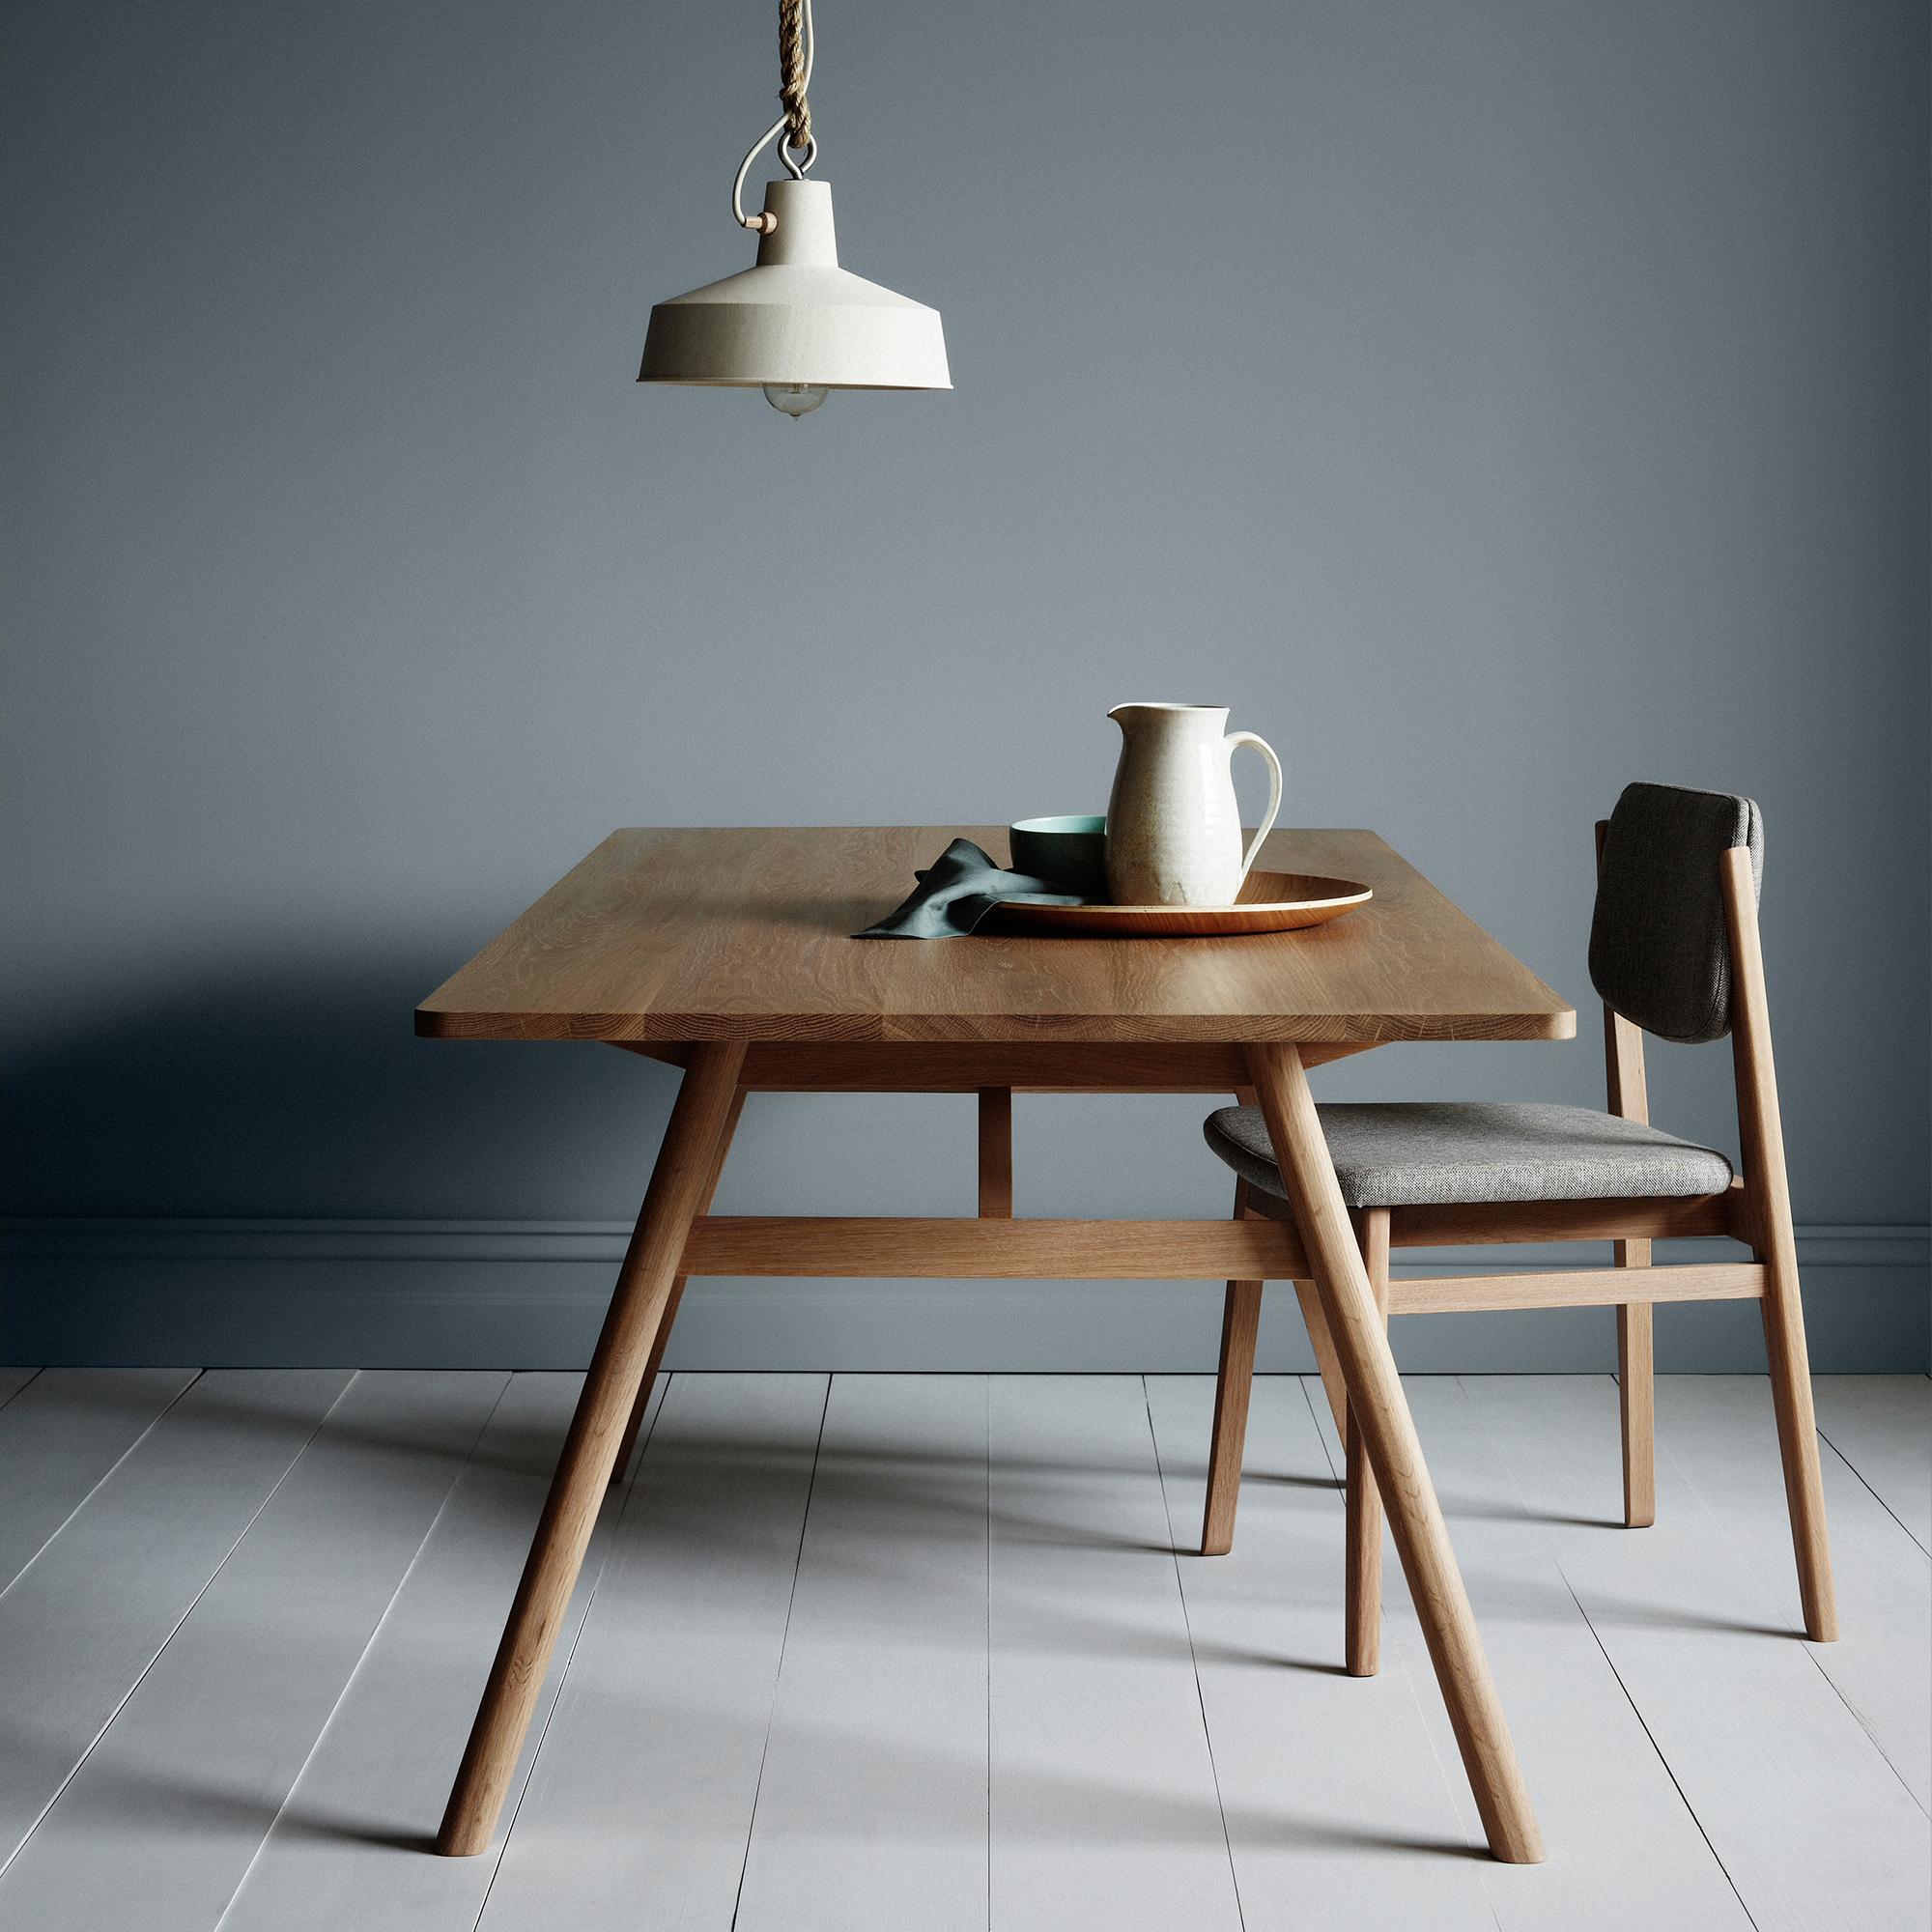 Tuki DT & chair.jpg